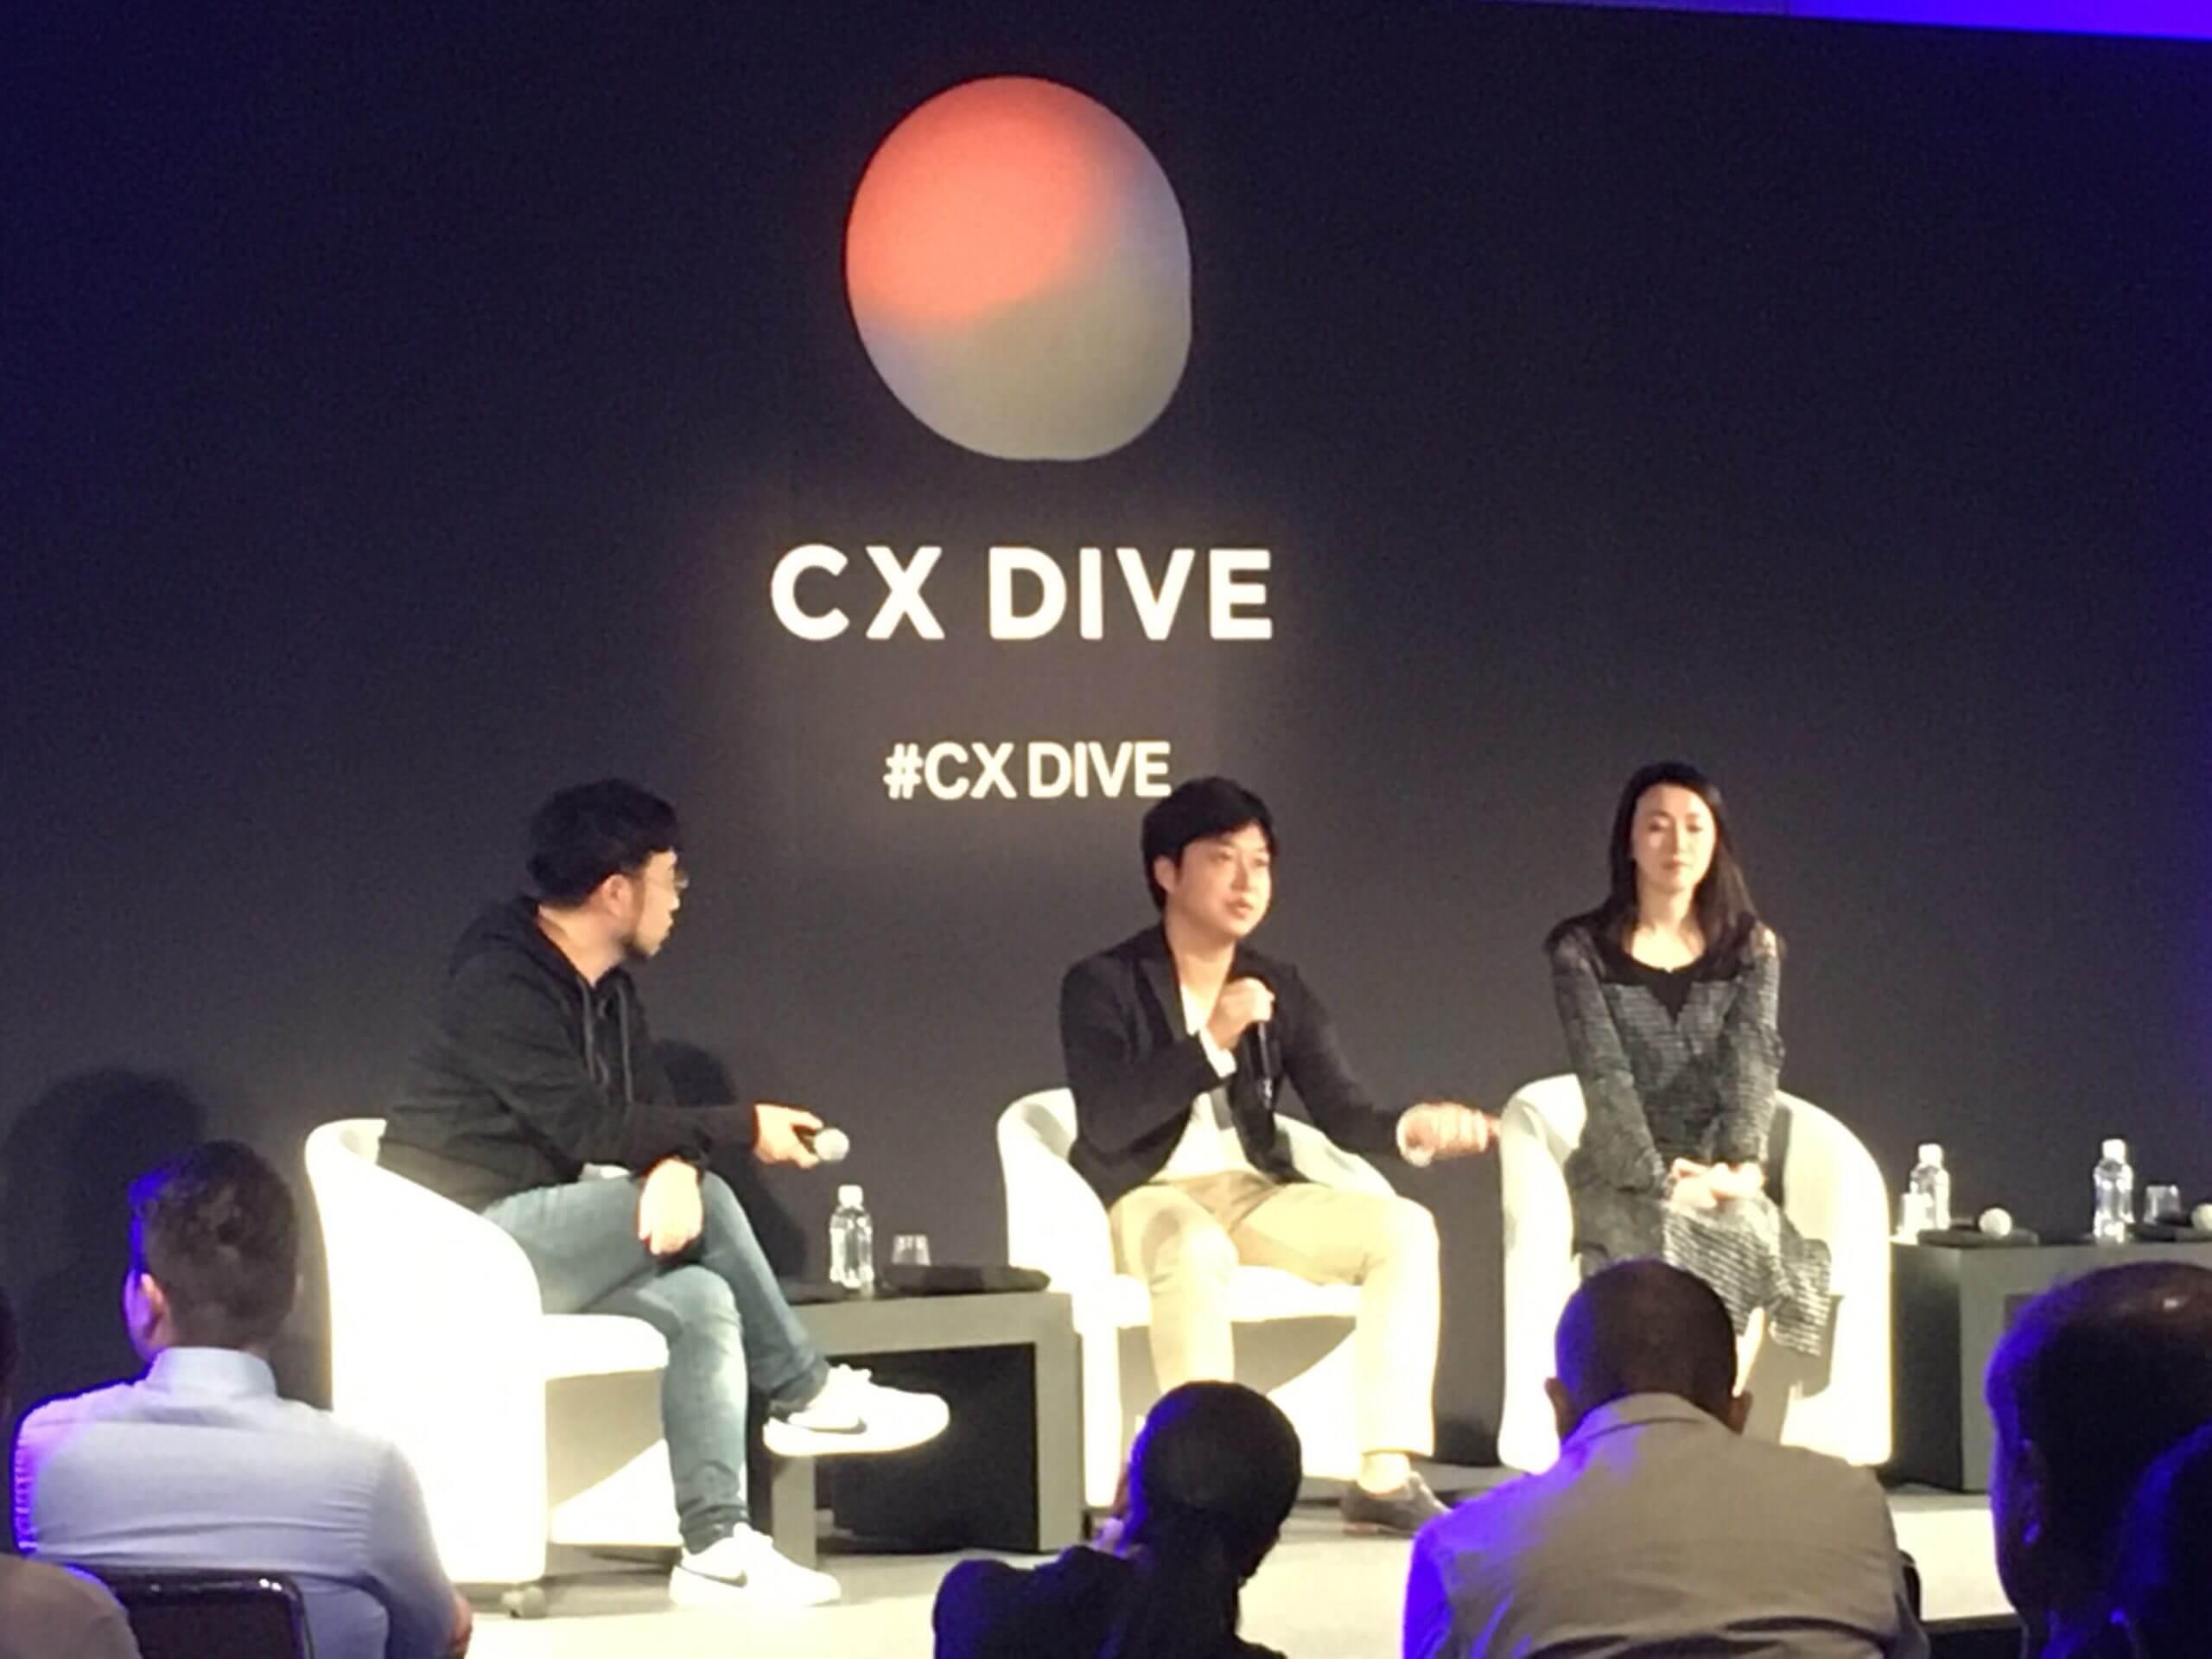 CX DIVE 2019 AKI「社会の当たり前をアップデートするCX」パネルディスカッション弊社小池が登壇させていただきました